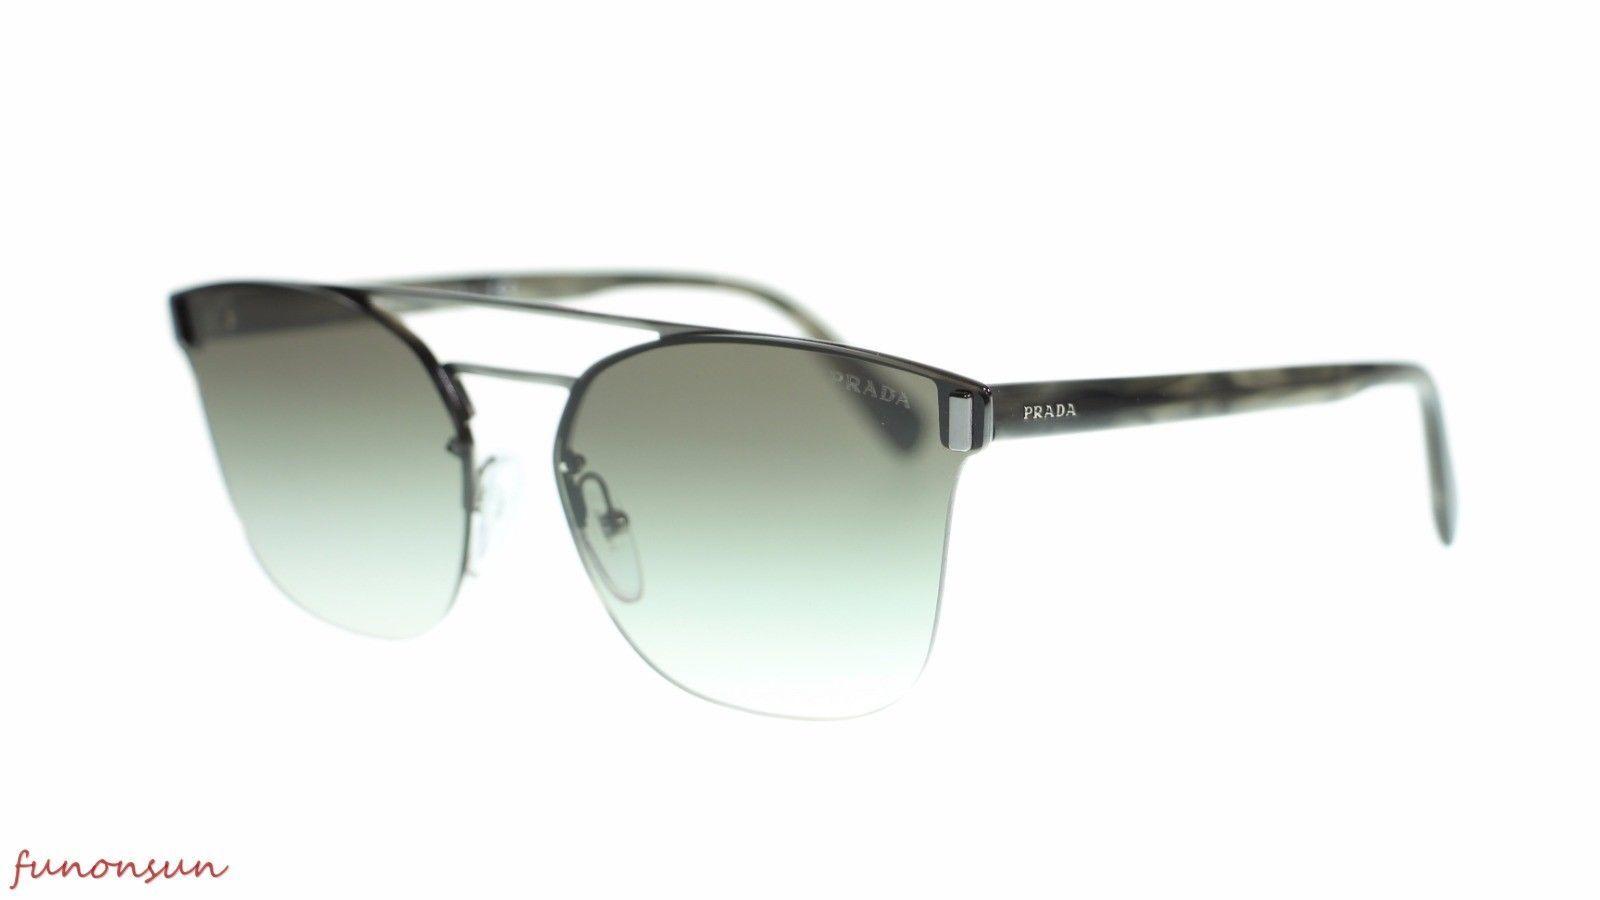 039d79c9c59f2 S l1600. S l1600. Previous. Prada Men s Sunglasses PR67TS 5AV0A7 Gunmetal  Grey Gradient Lens 63mm